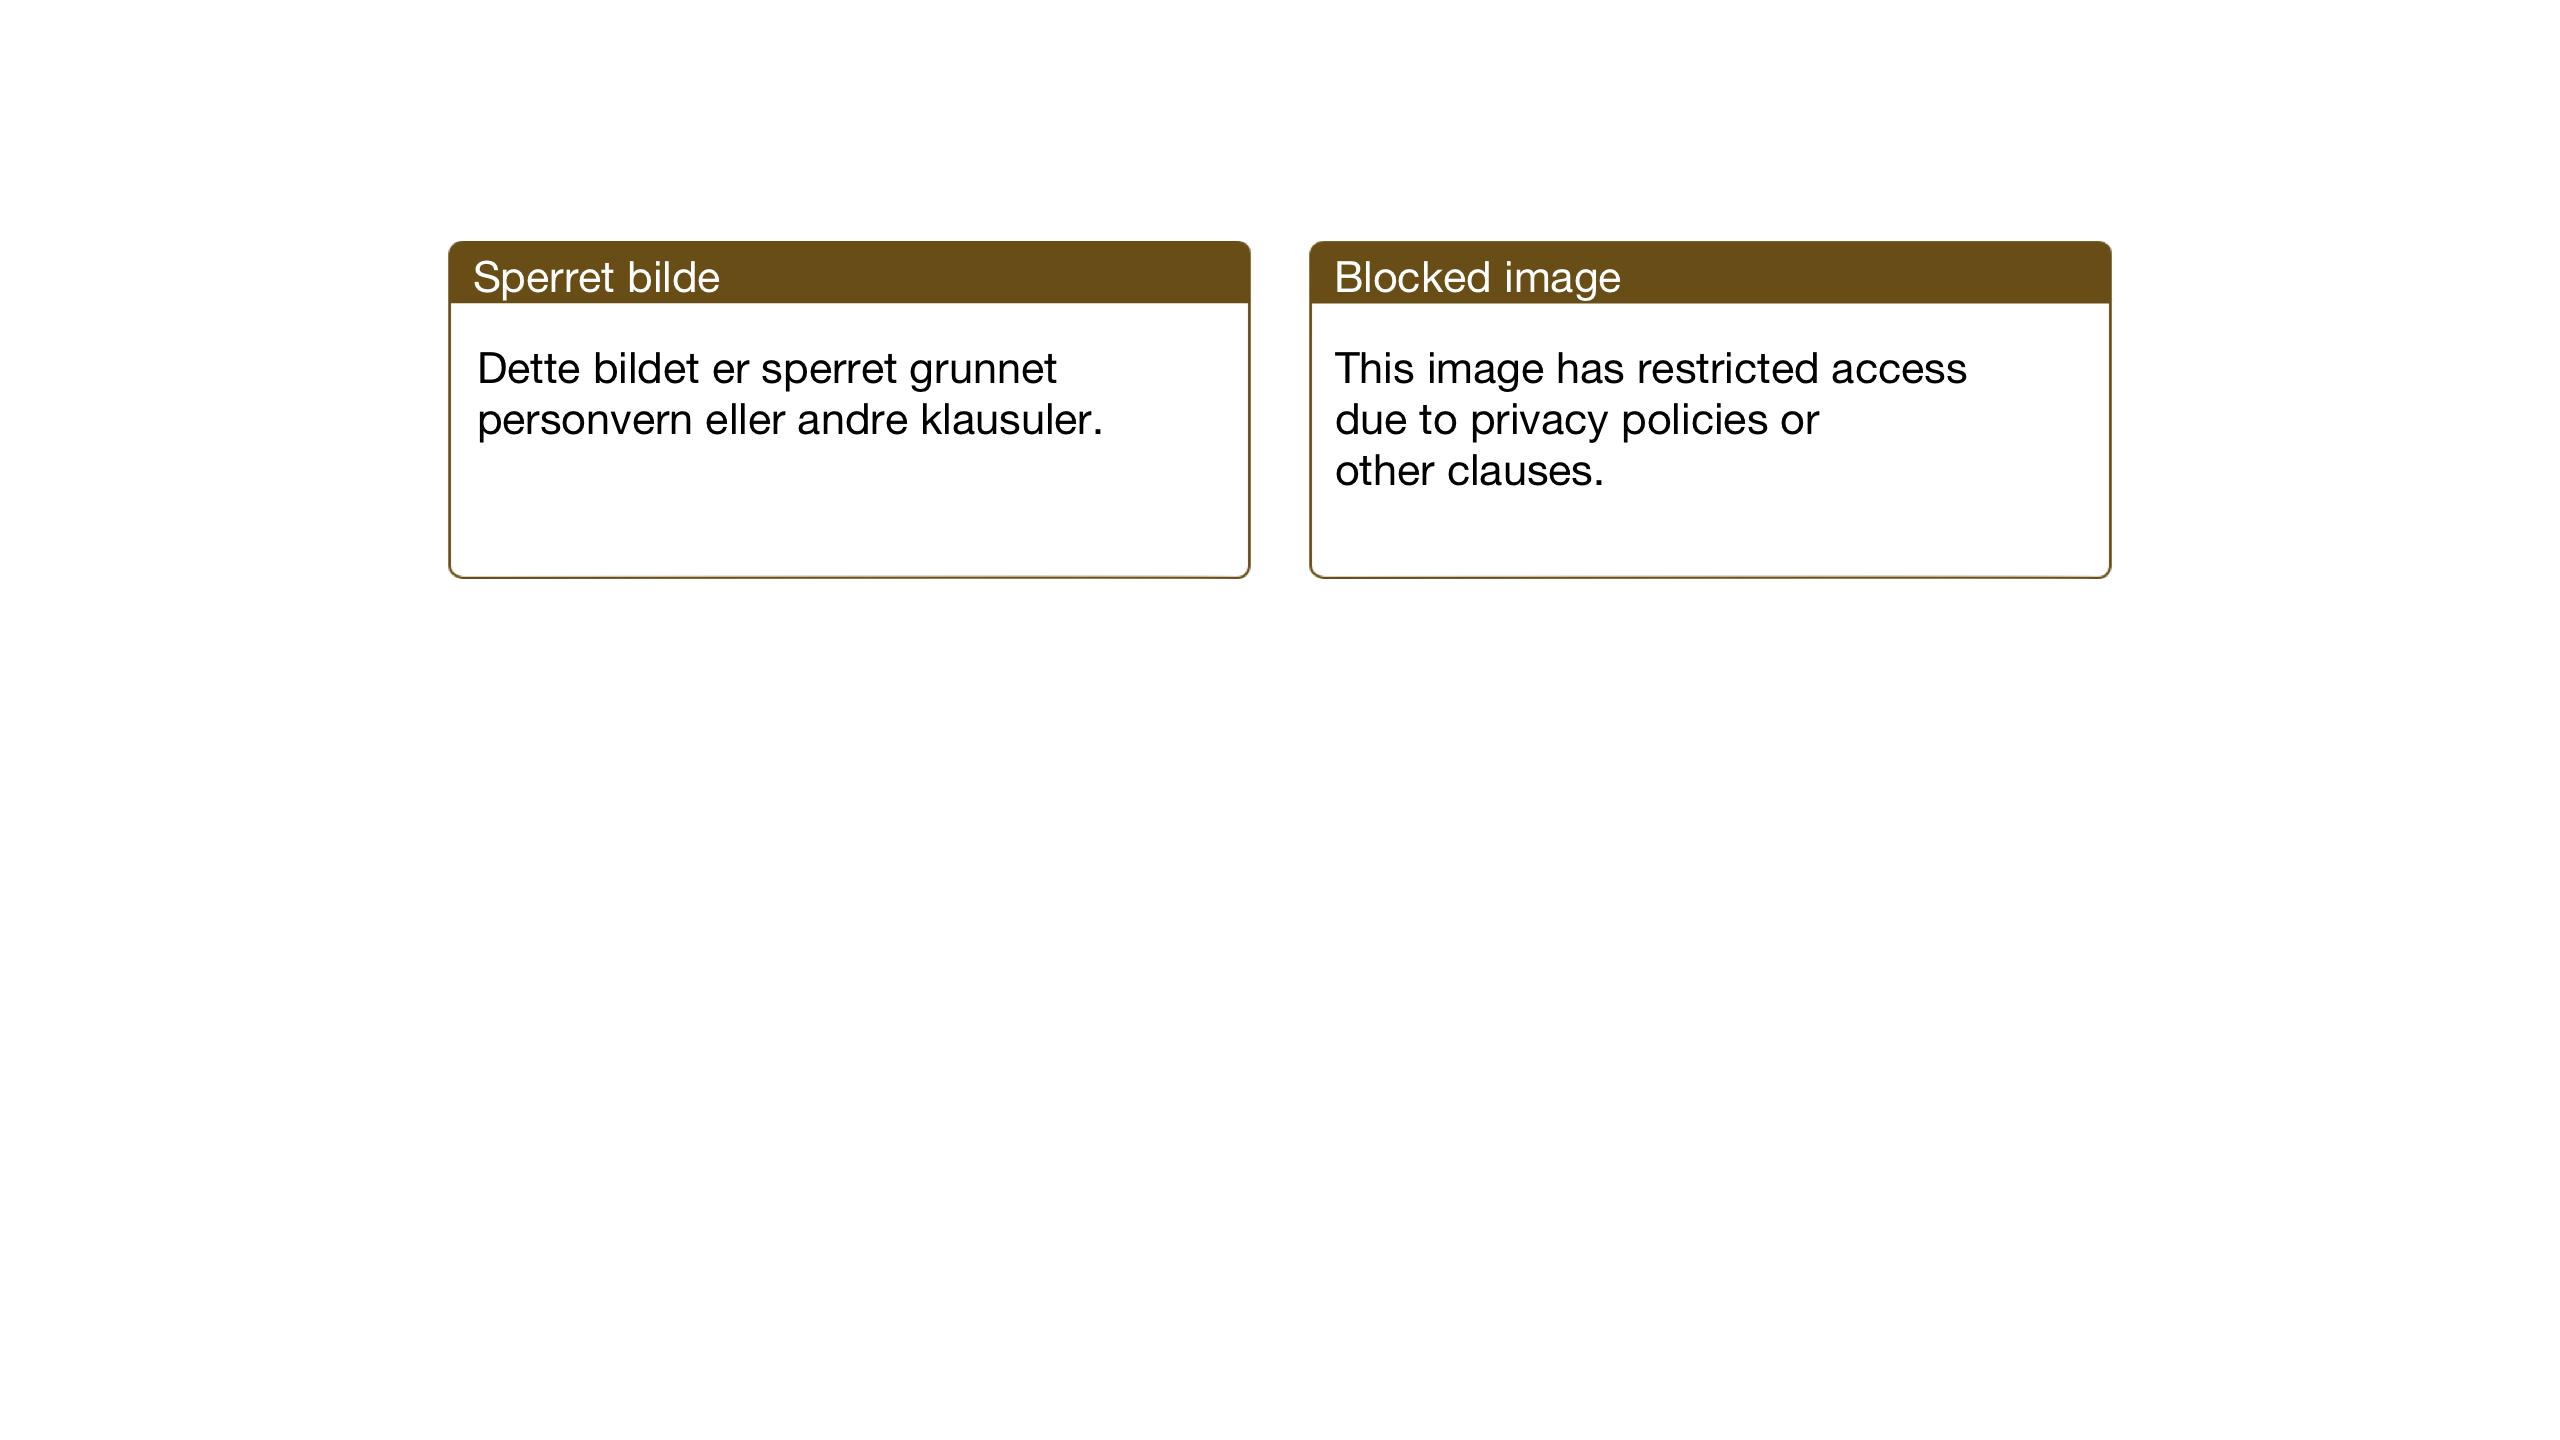 SAT, Ministerialprotokoller, klokkerbøker og fødselsregistre - Nord-Trøndelag, 712/L0104: Klokkerbok nr. 712C02, 1917-1939, s. 54